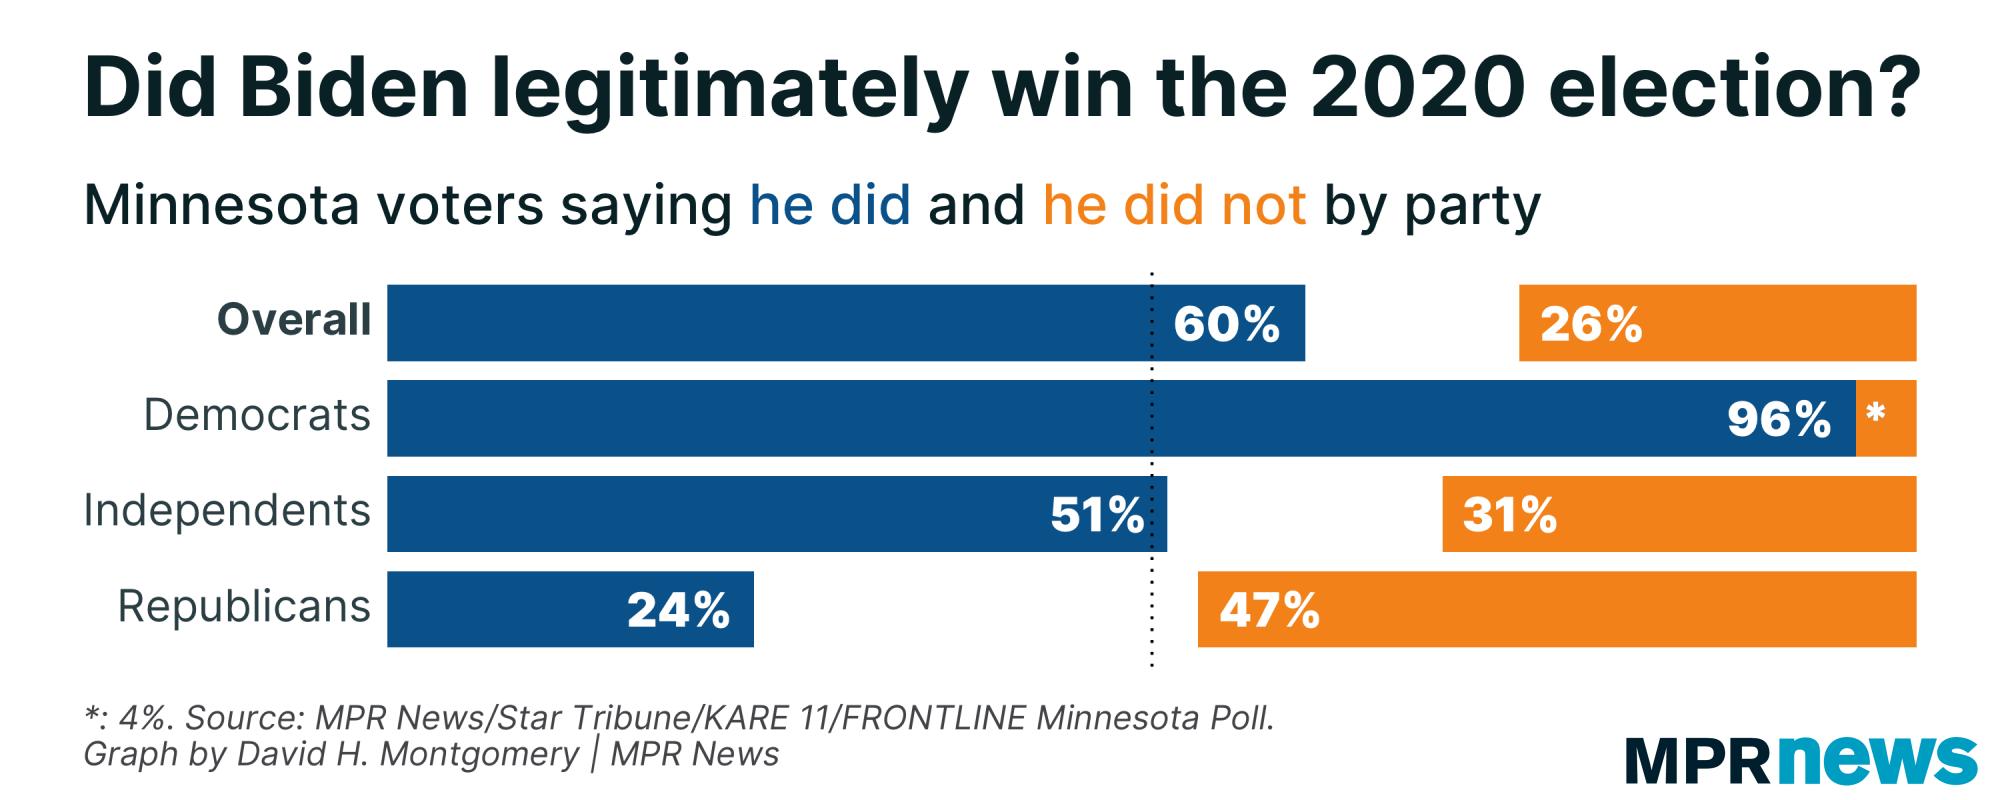 Graph of views on legitimacy of Biden's win